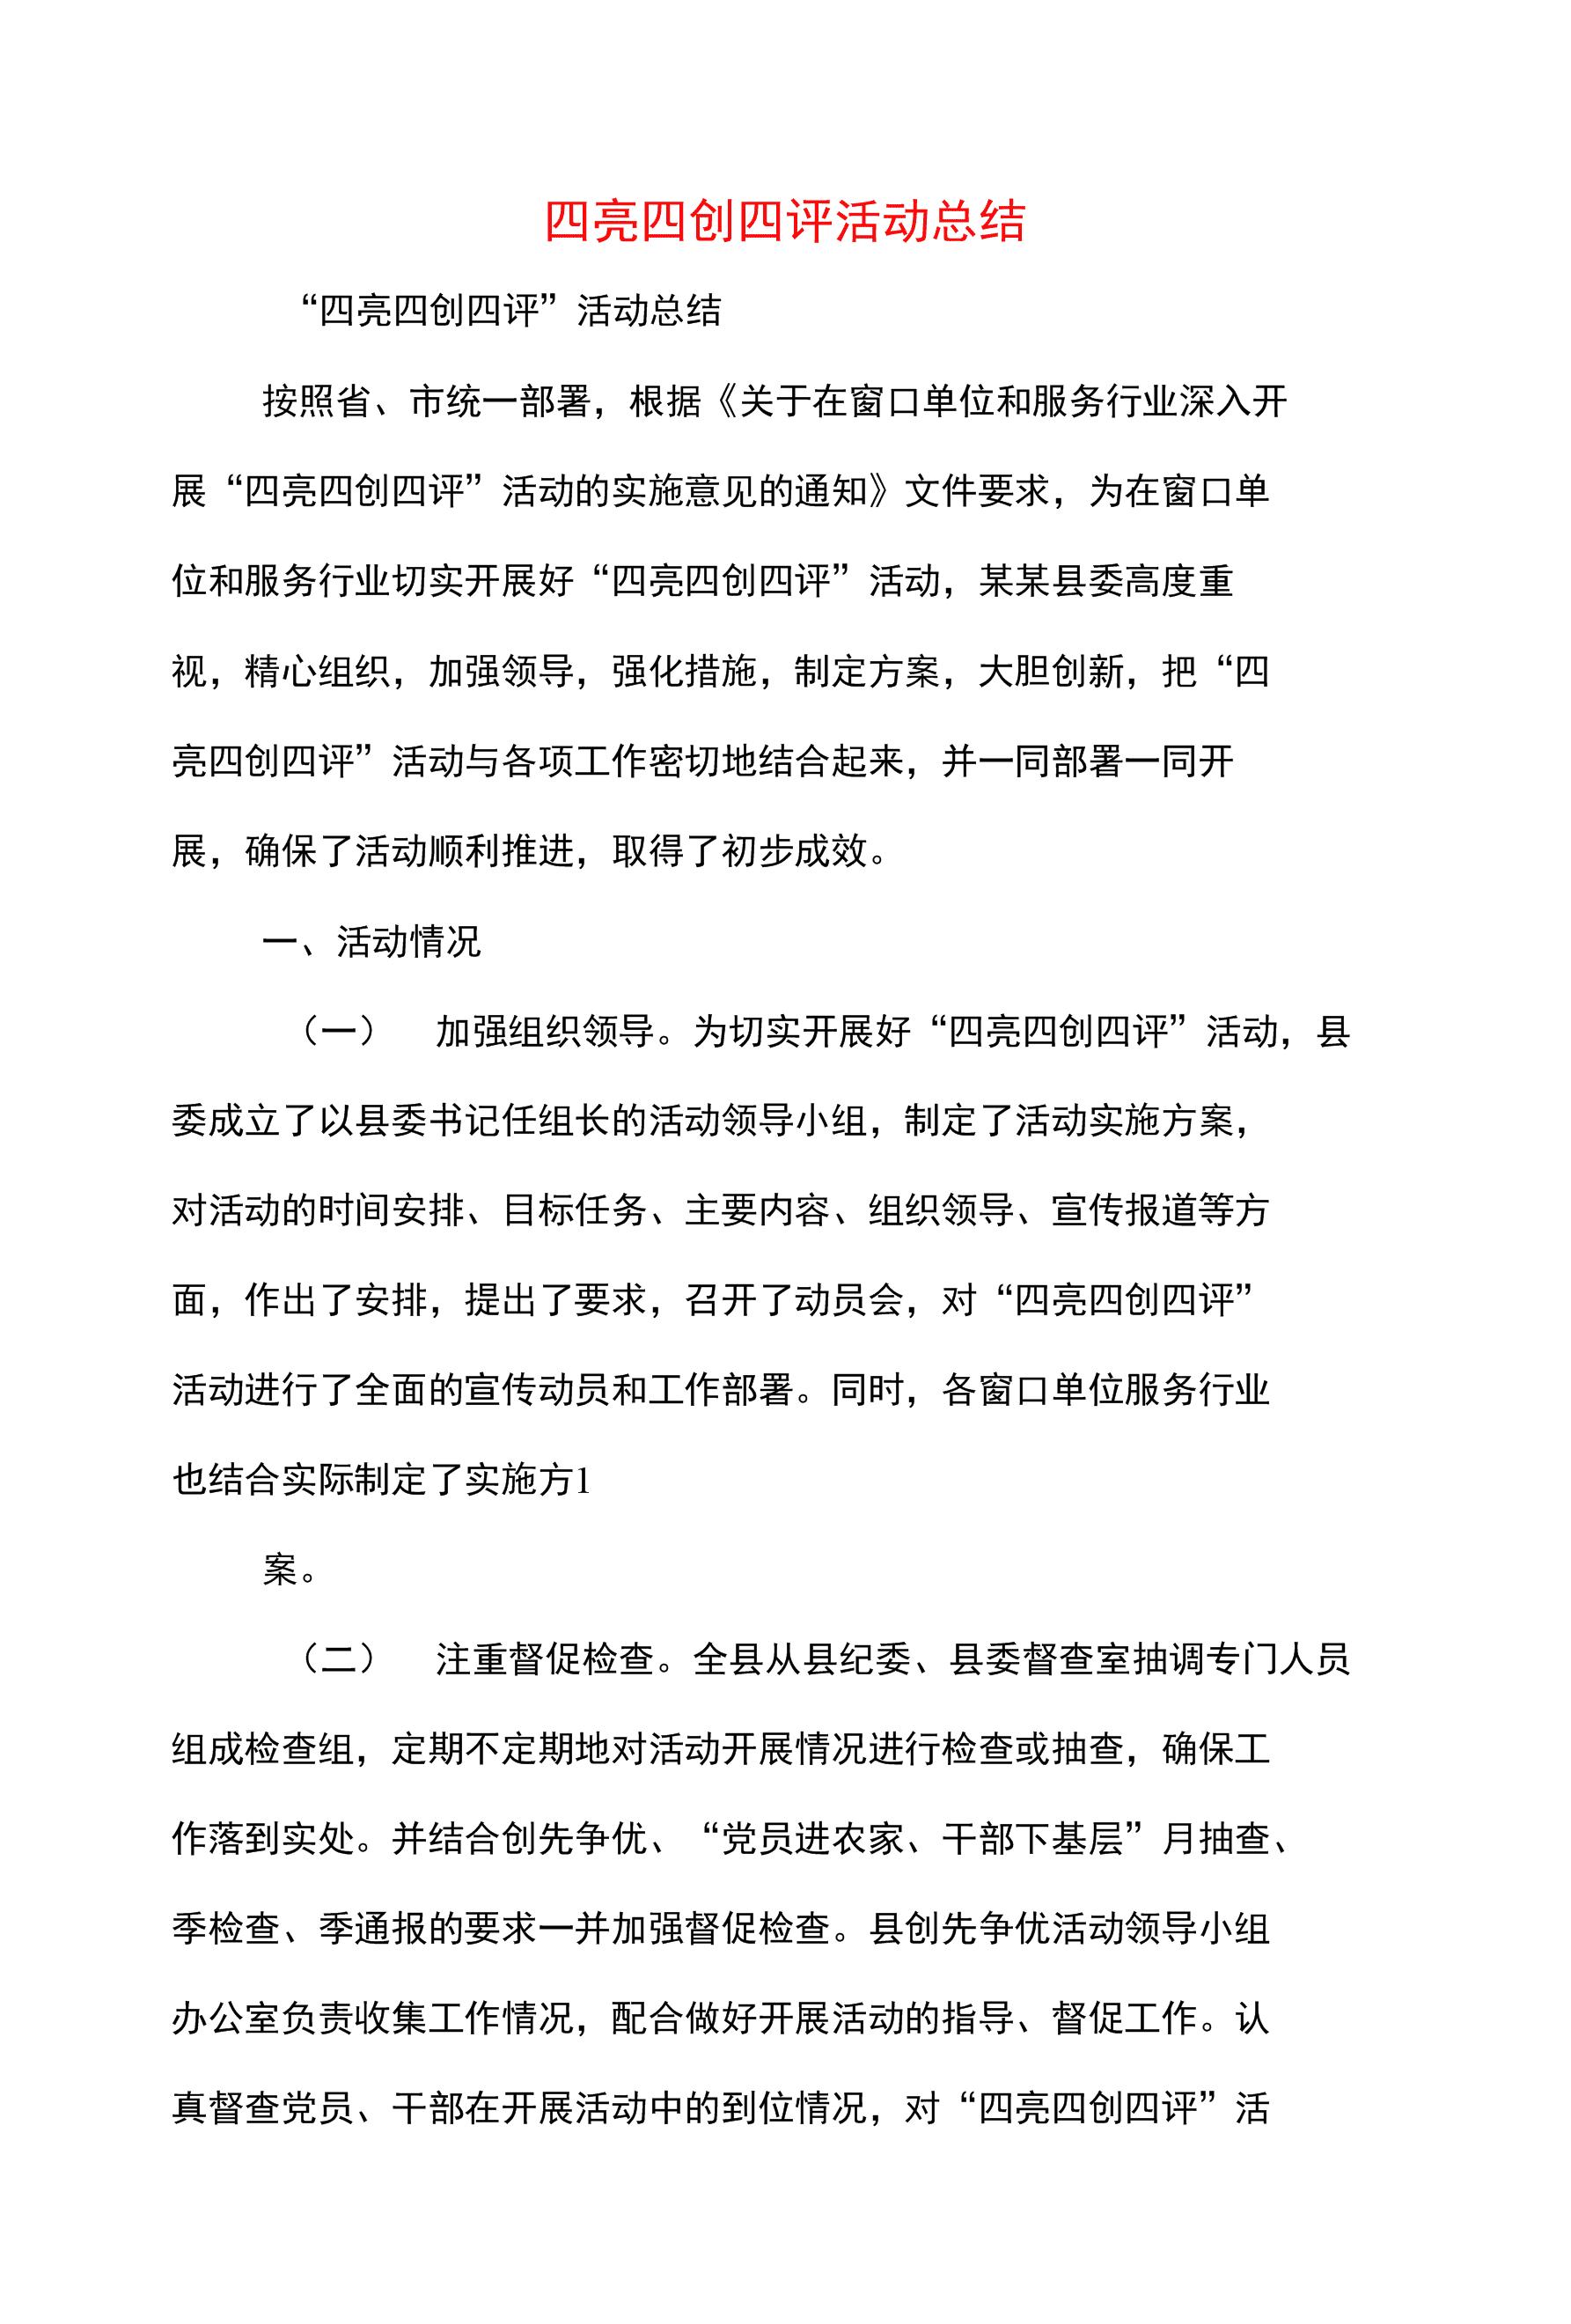 四亮四创四评活动总结(多篇范文).docx